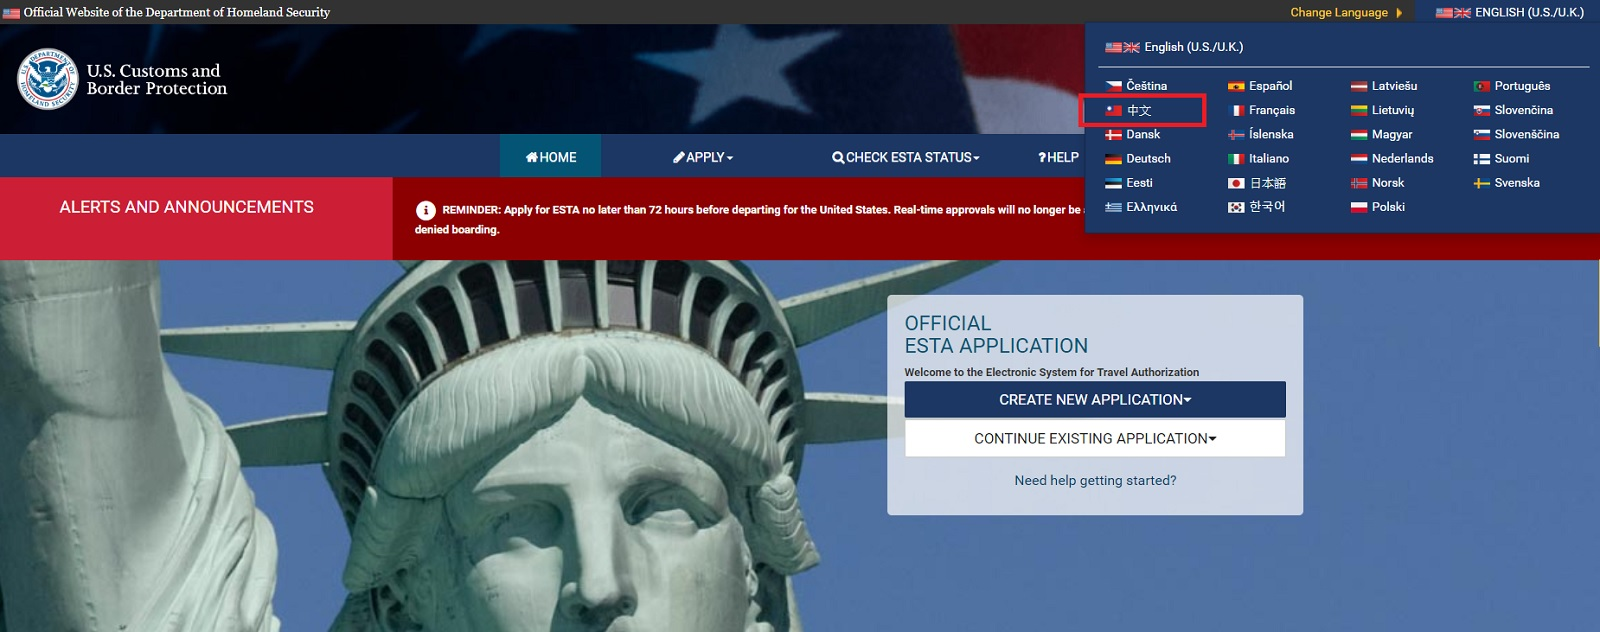 中華民國國旗變五星旗 美國旅行授權官網發生什麼事?